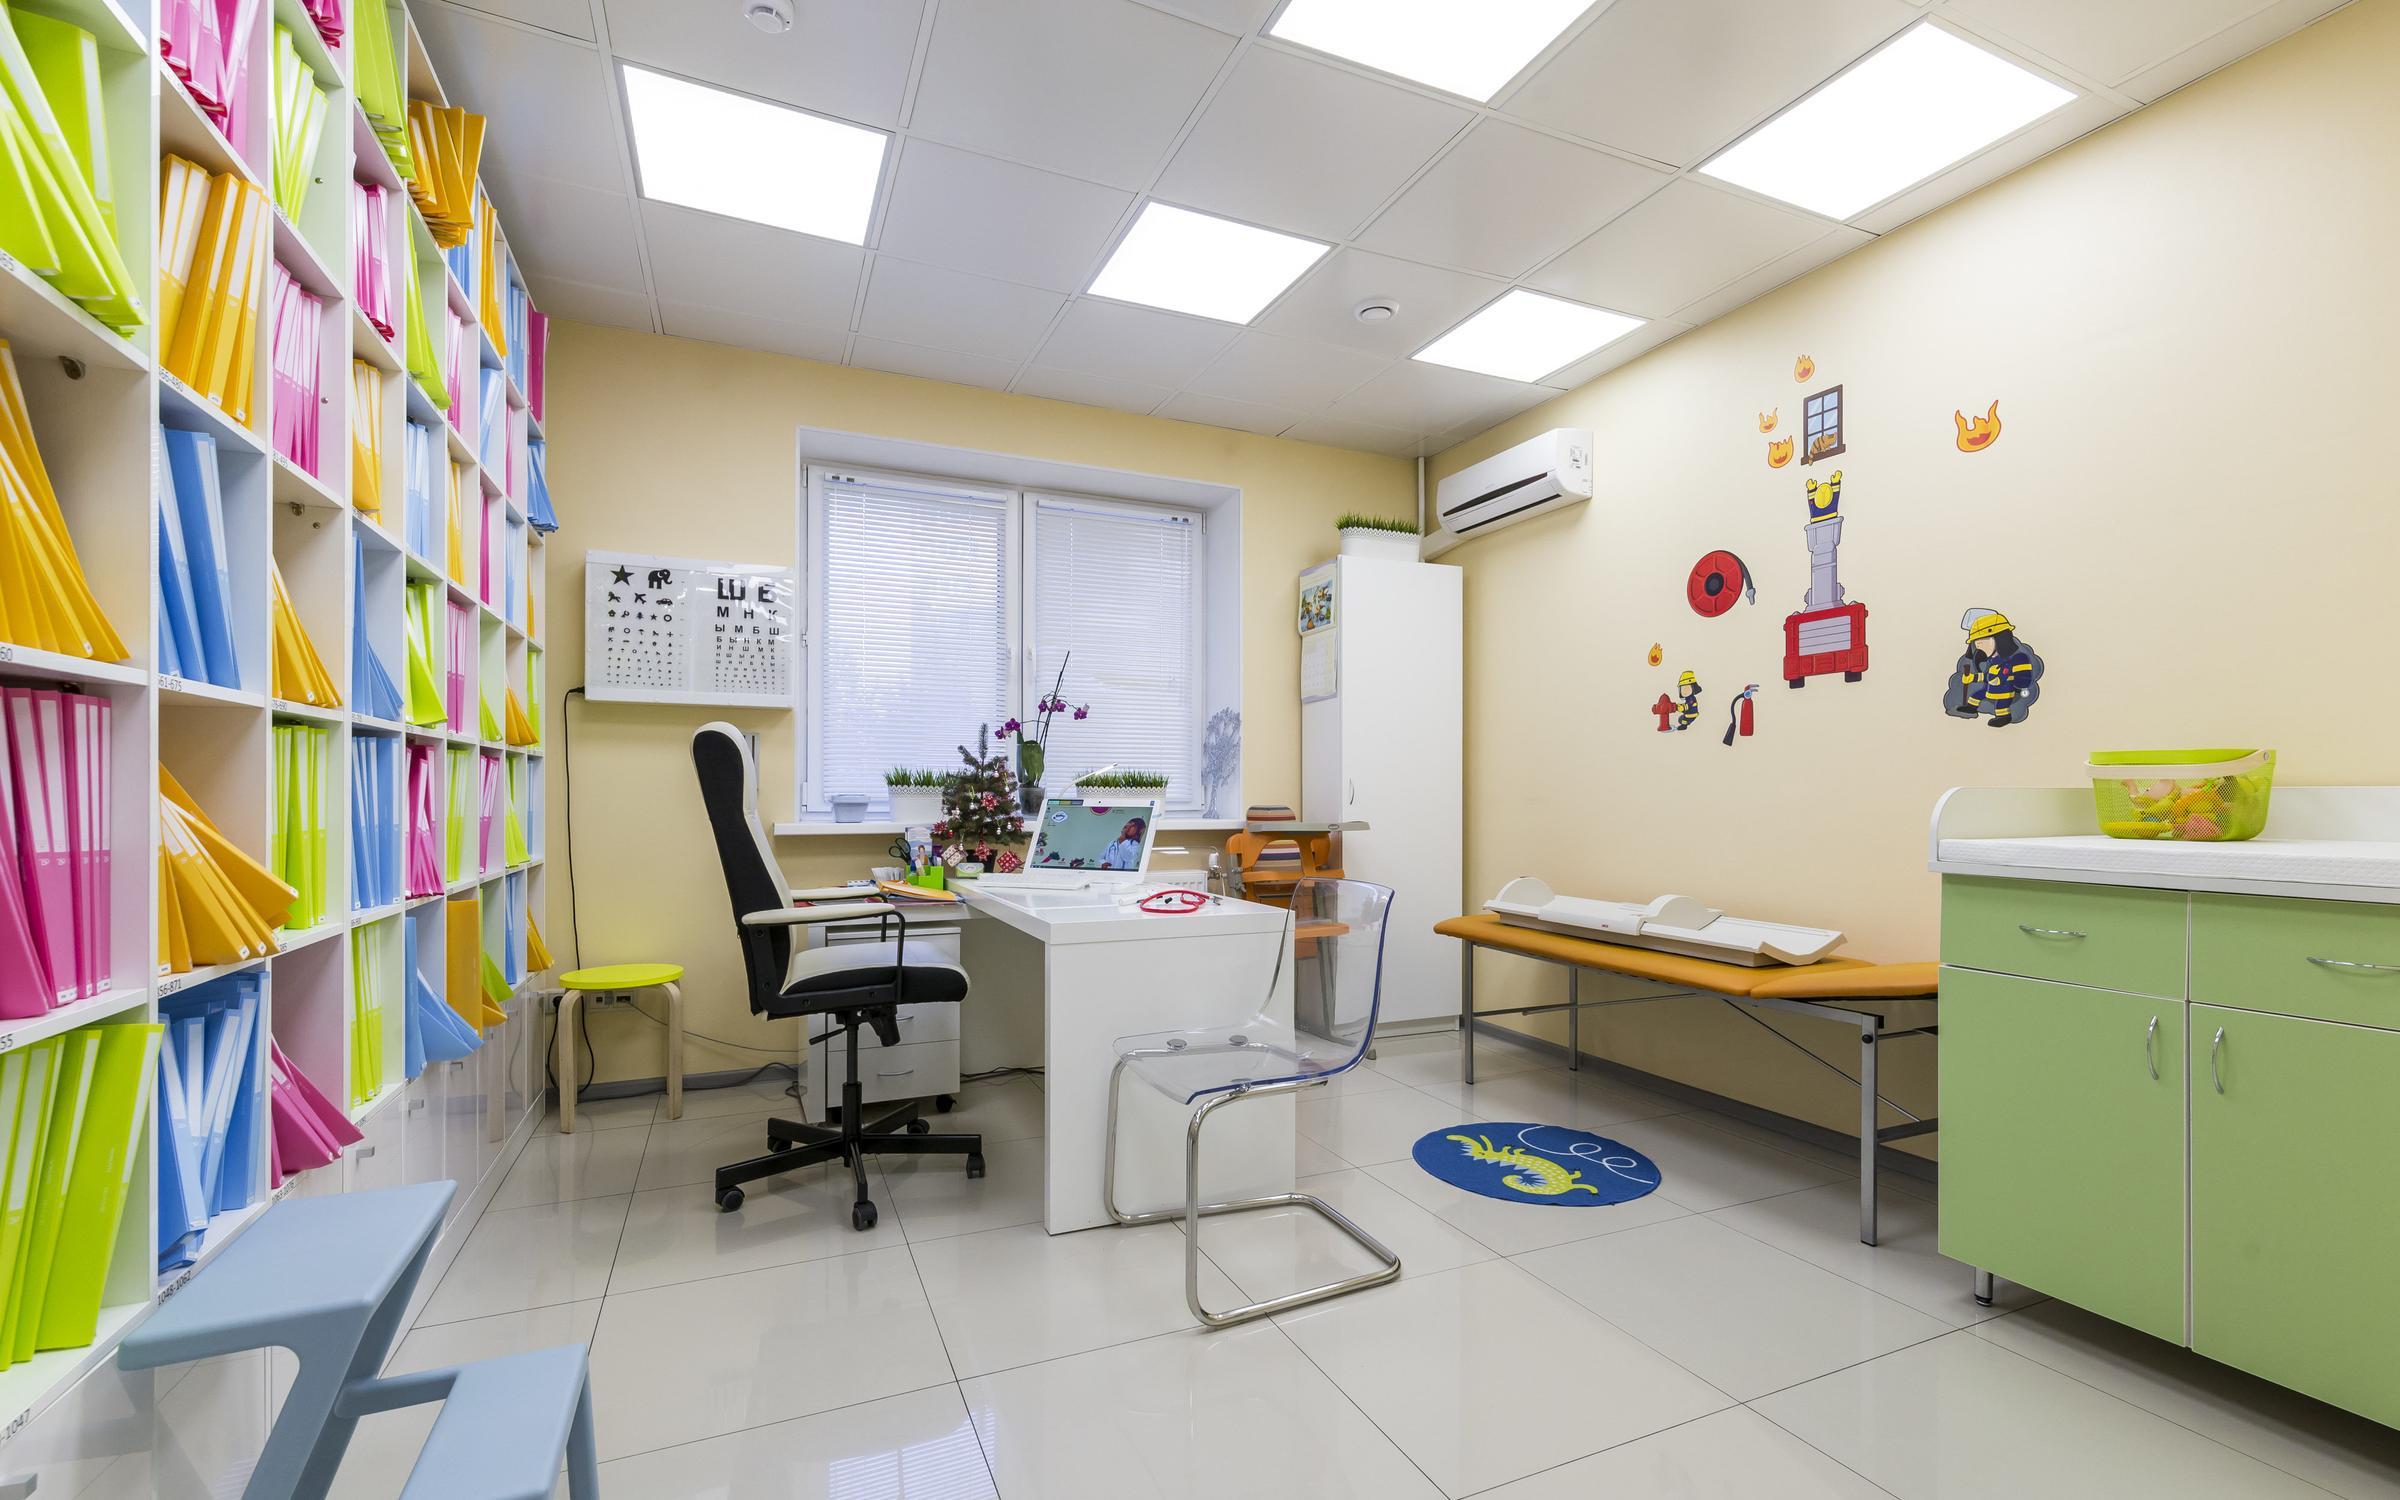 Ставропольская краевая клиническая стоматологическая поликлиника